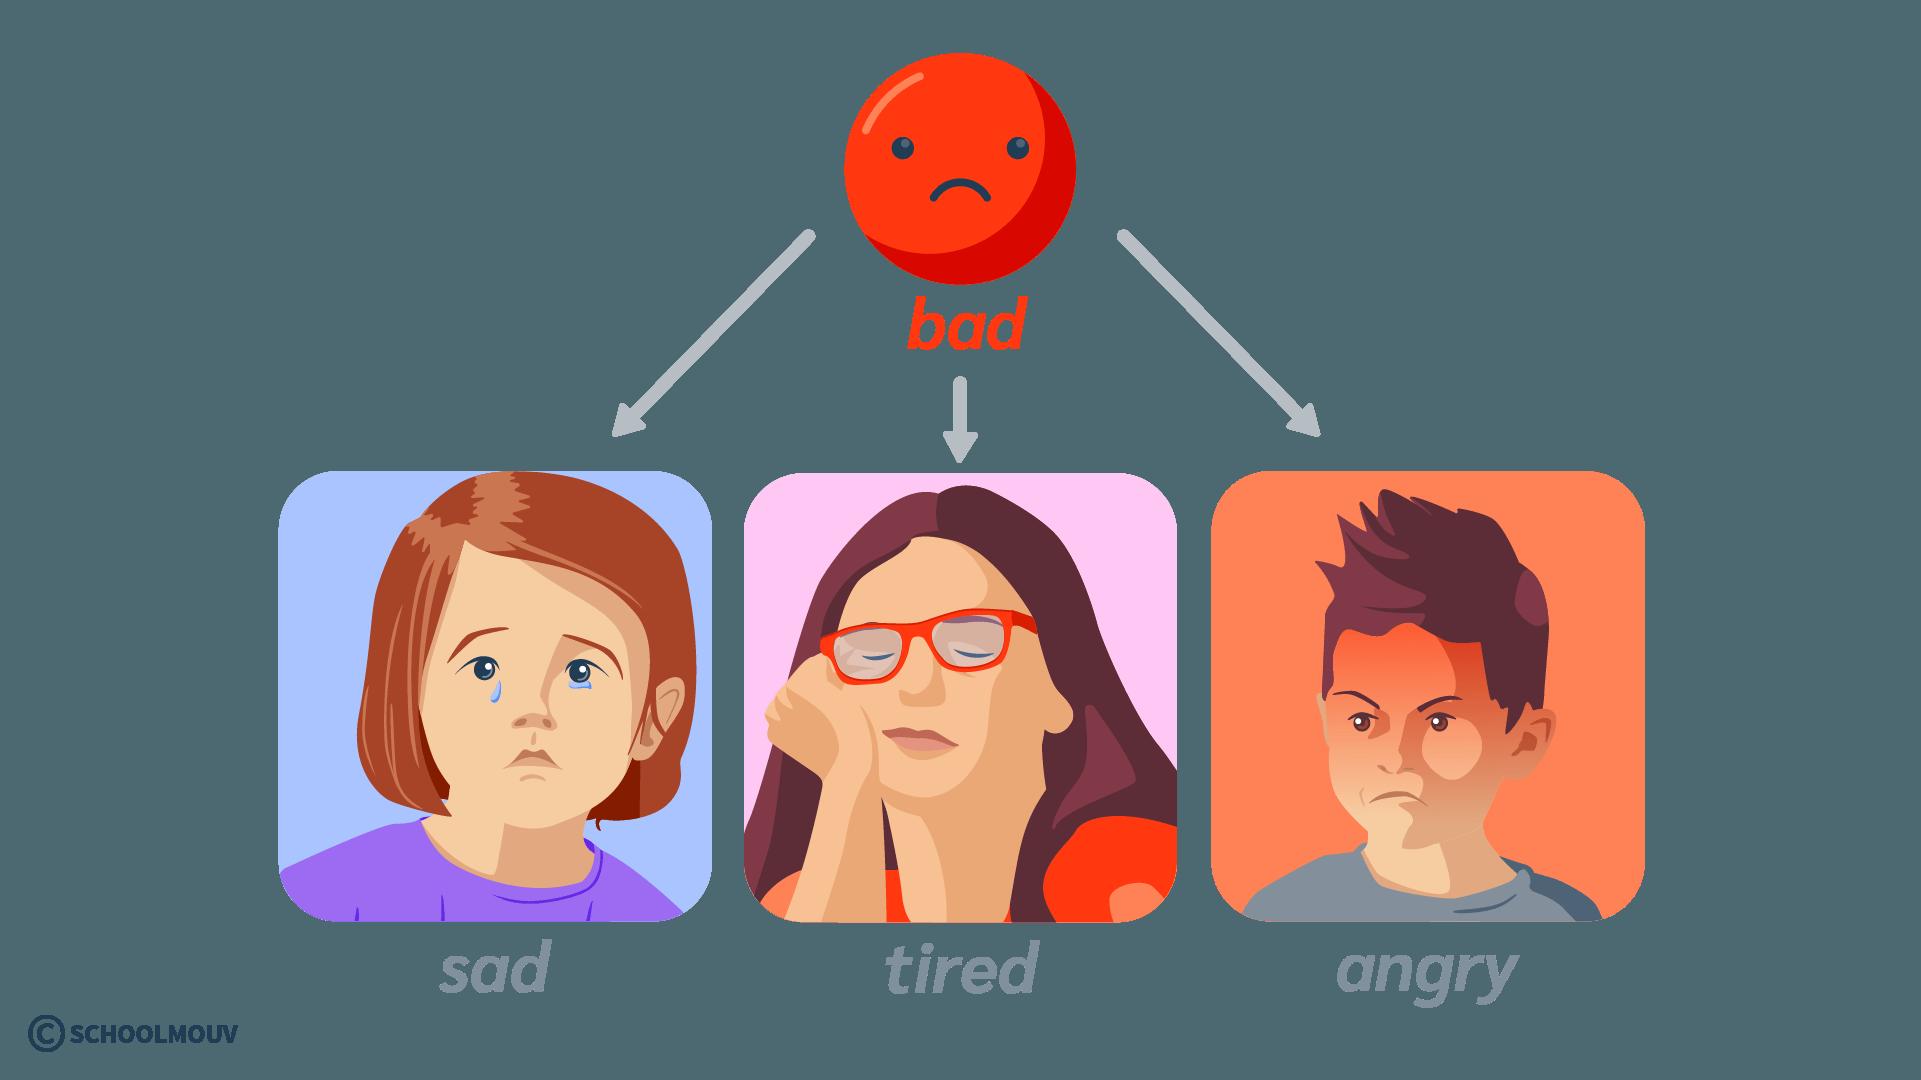 how are you bad sad tired angry émotion humeur anglais